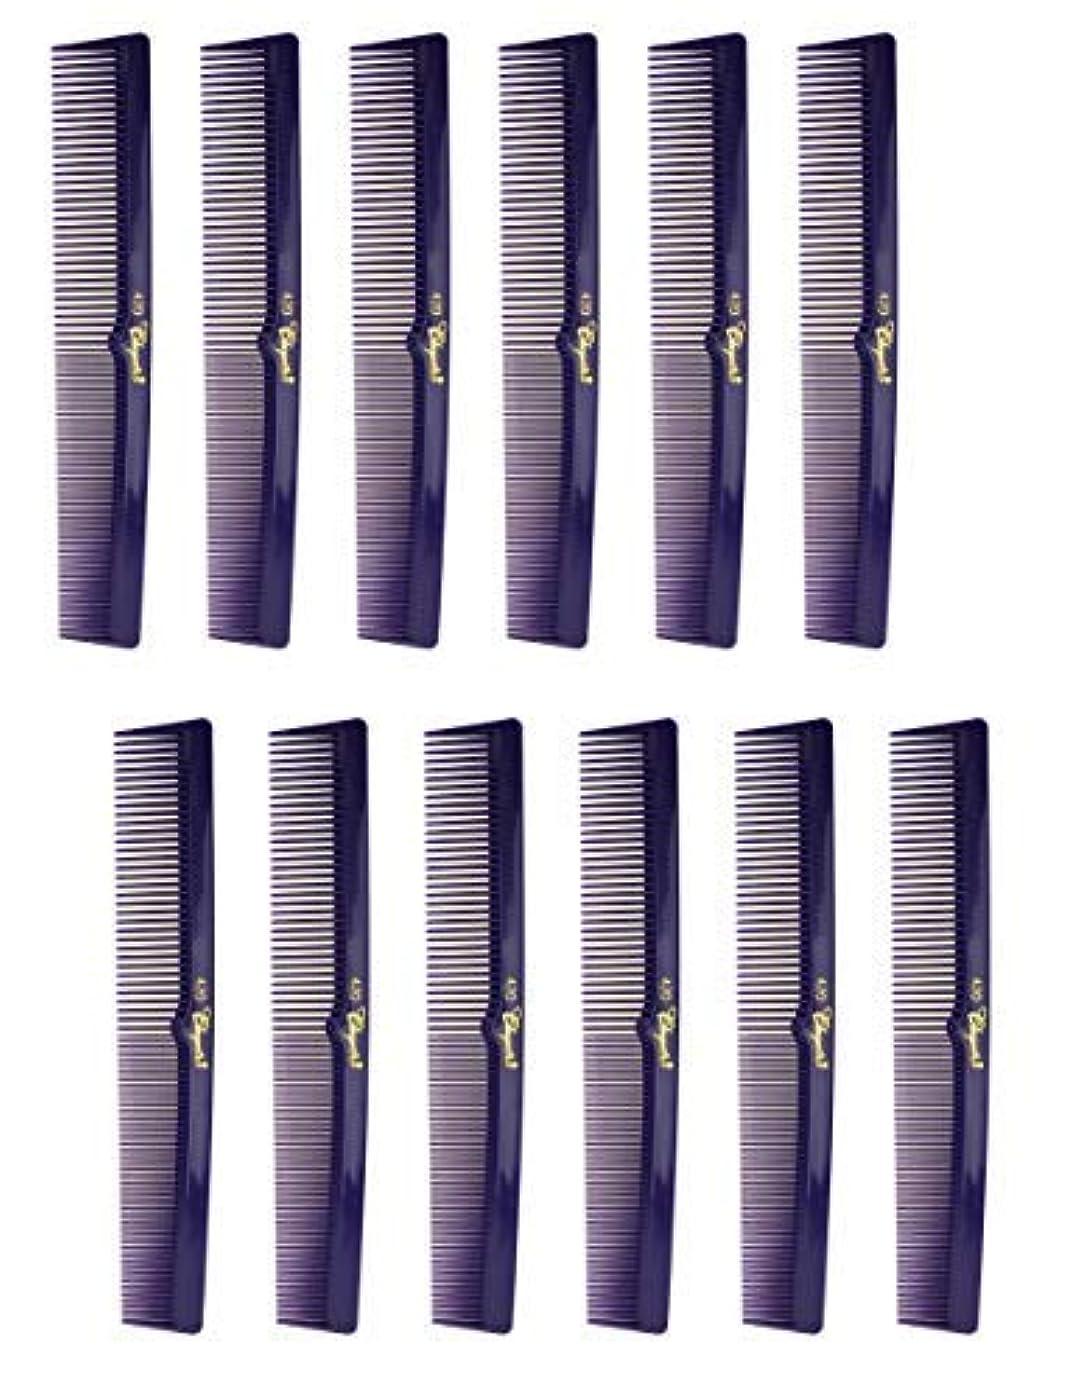 敬の念不正霧深い7 Inch Hair Cutting Combs. Barber's & Hairstylist Combs. Purple 1 DZ. [並行輸入品]